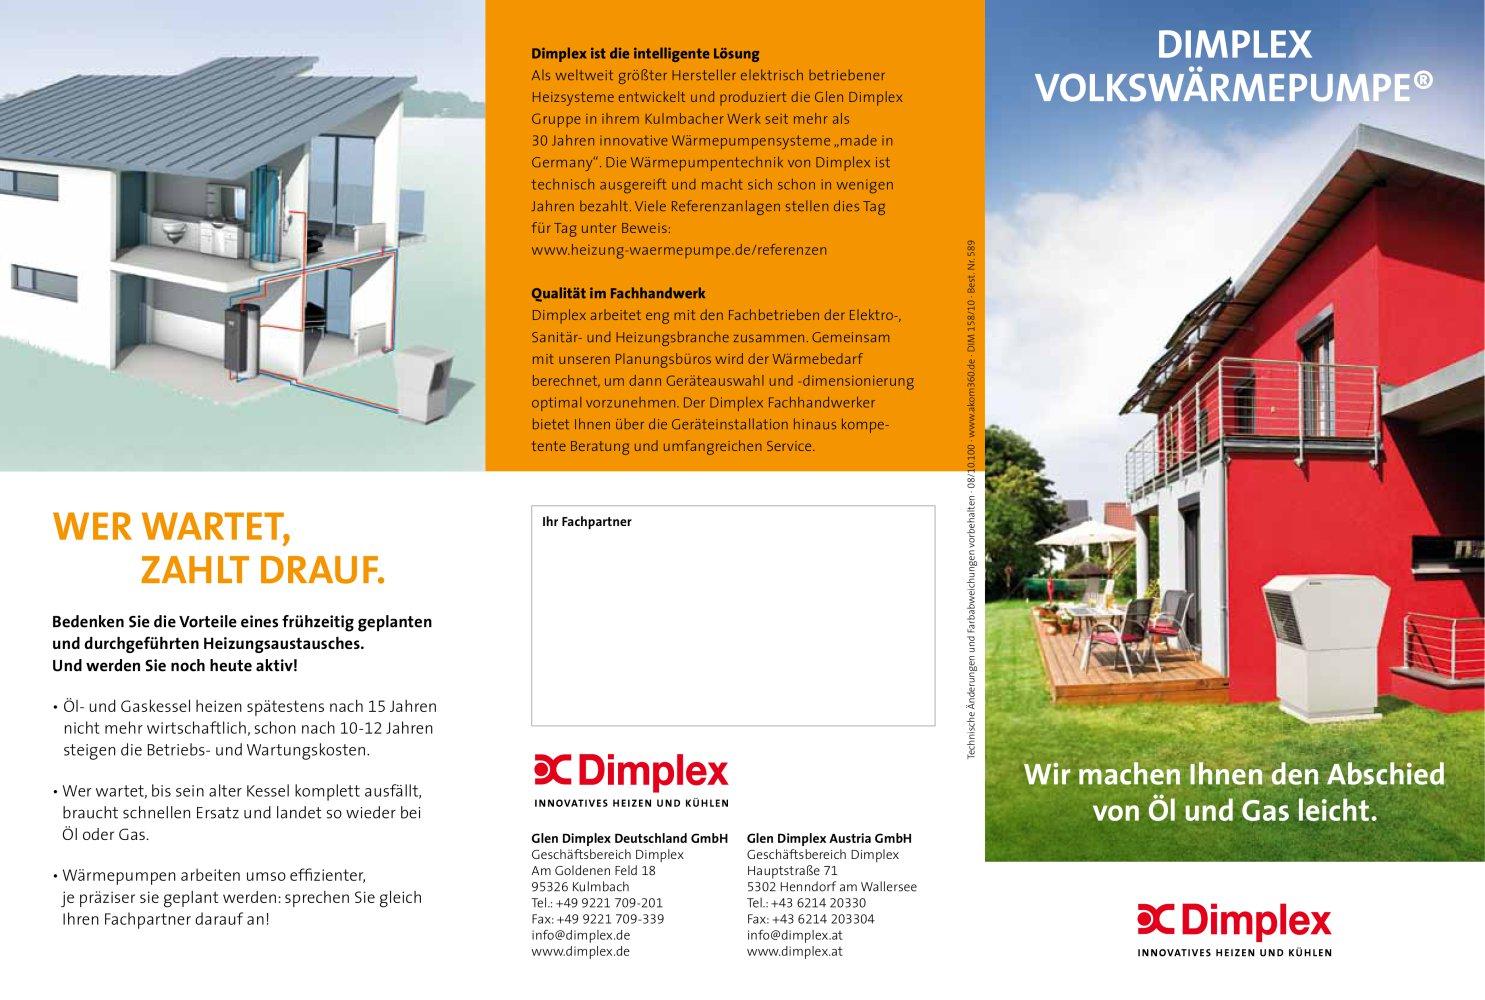 Flyer Volkswärmepumpe - Dimplex, Geschäftsbereich der Glen Dimplex ...